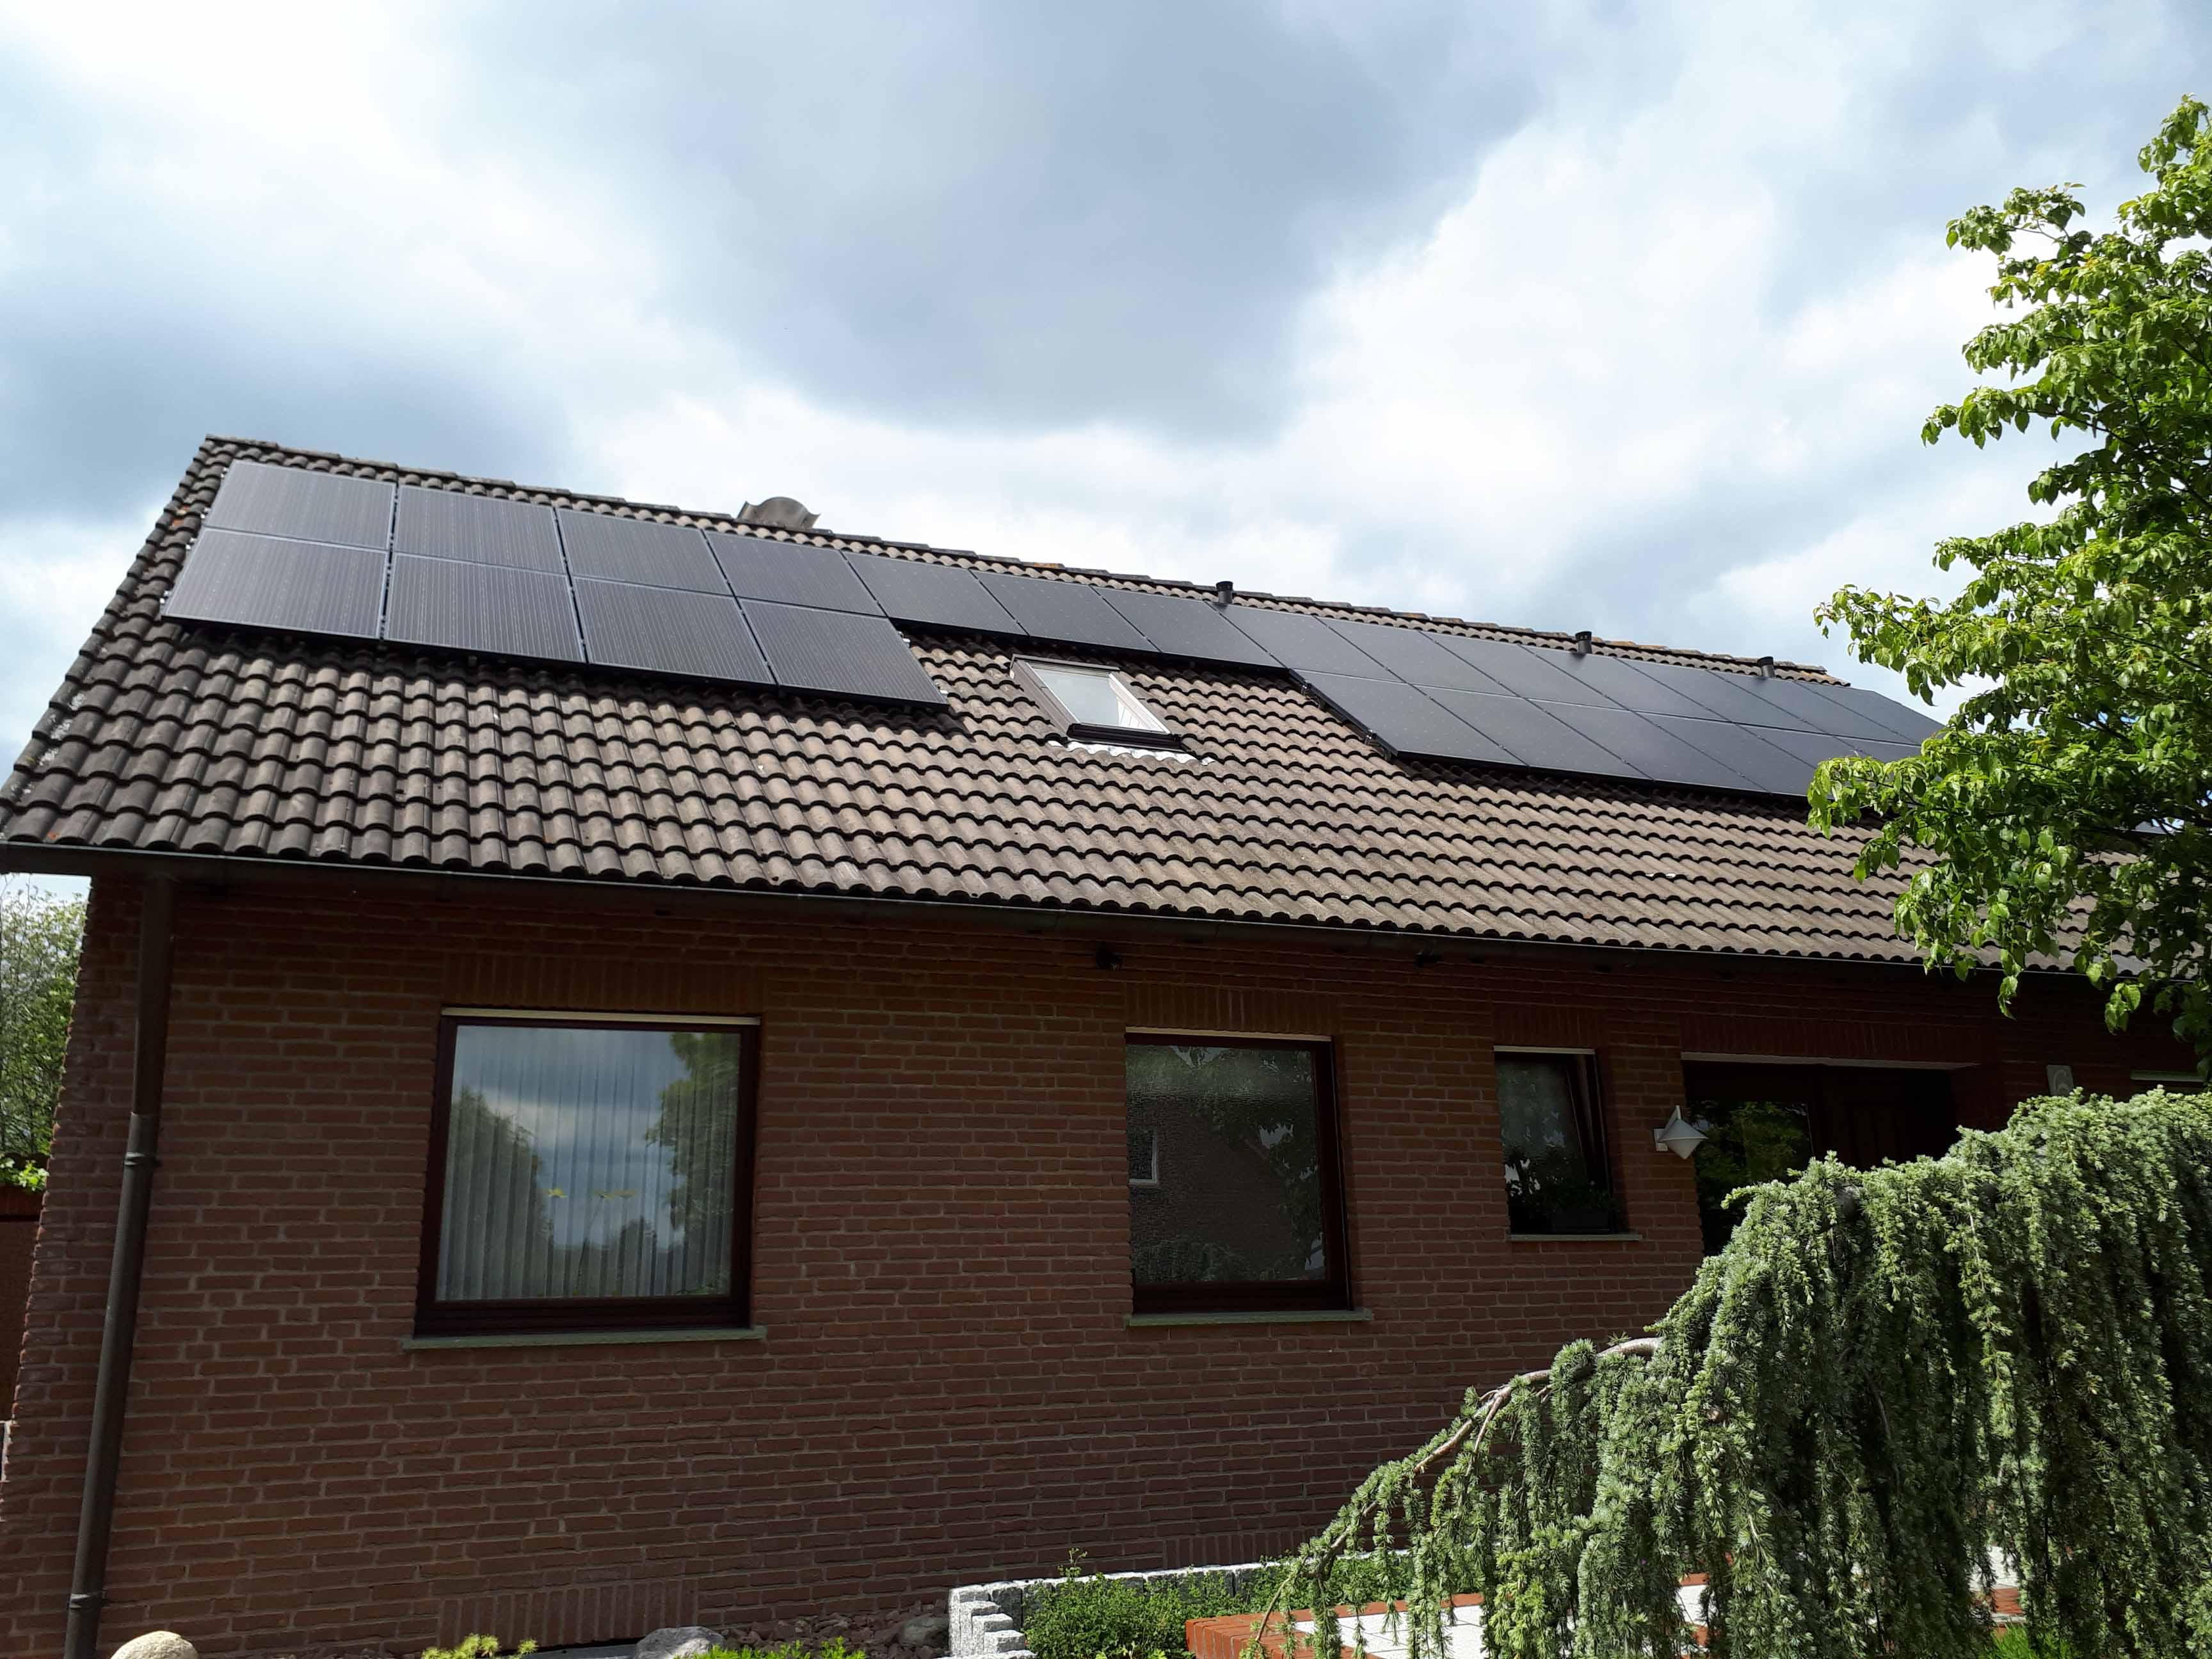 Henke Dachdecker | Zimmerei | Solartechnik - Photovoltaik - Anlage 7,88 kWp in Stadthagen (Landkreis Schaumburg-Lippe)